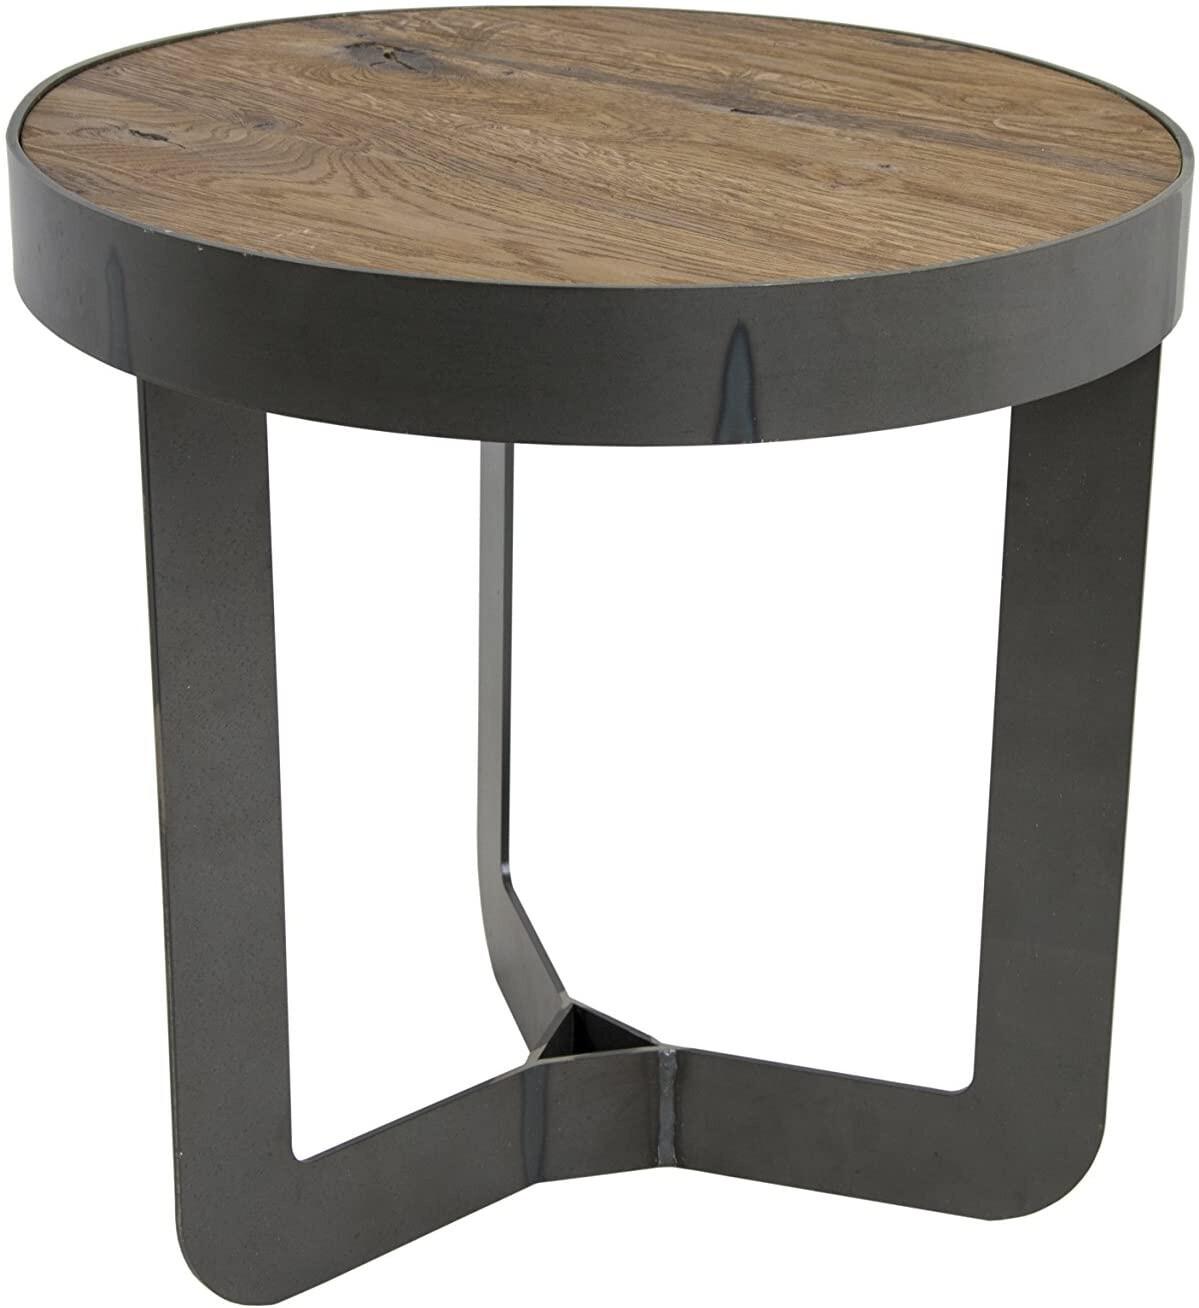 Spinder Design Beistelltisch 46 x 50 cm Stahl / Holz schwarz / braun